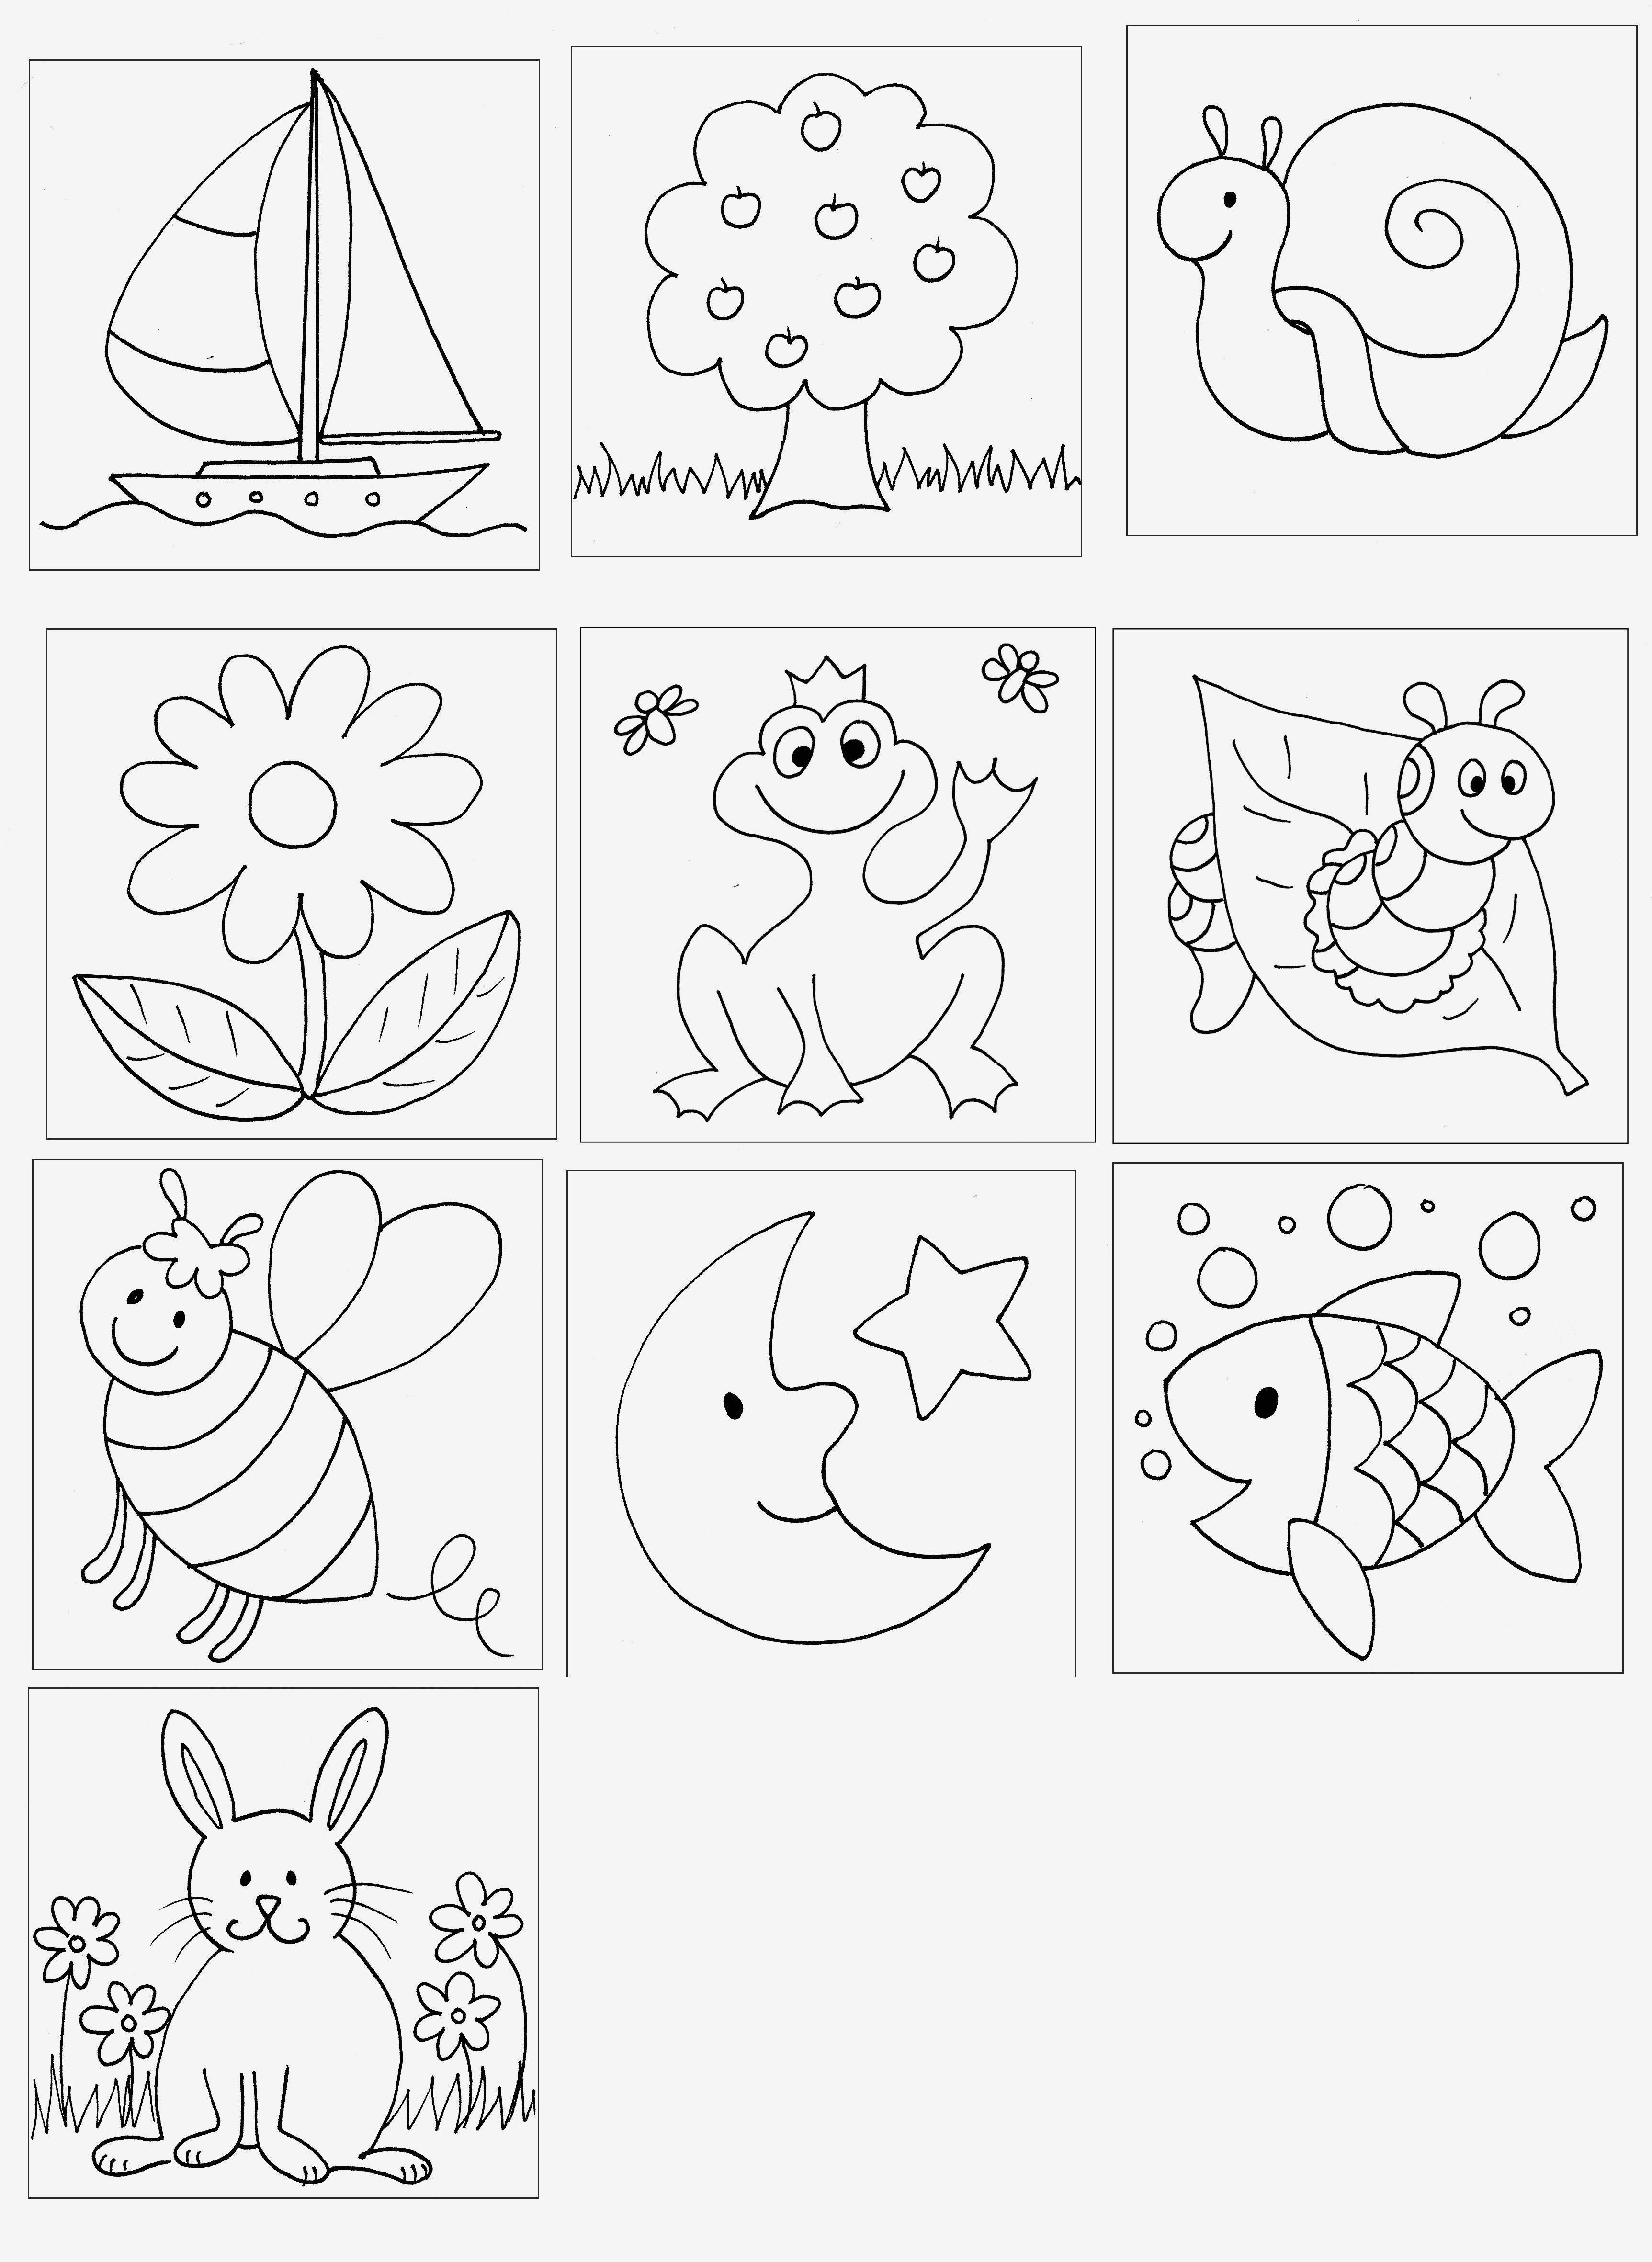 Ausmalbilder Hunde Und Katzen Genial Malvorlagen Katzen Und Hunde Beispielbilder Färben Hahn Malvorlagen Bilder